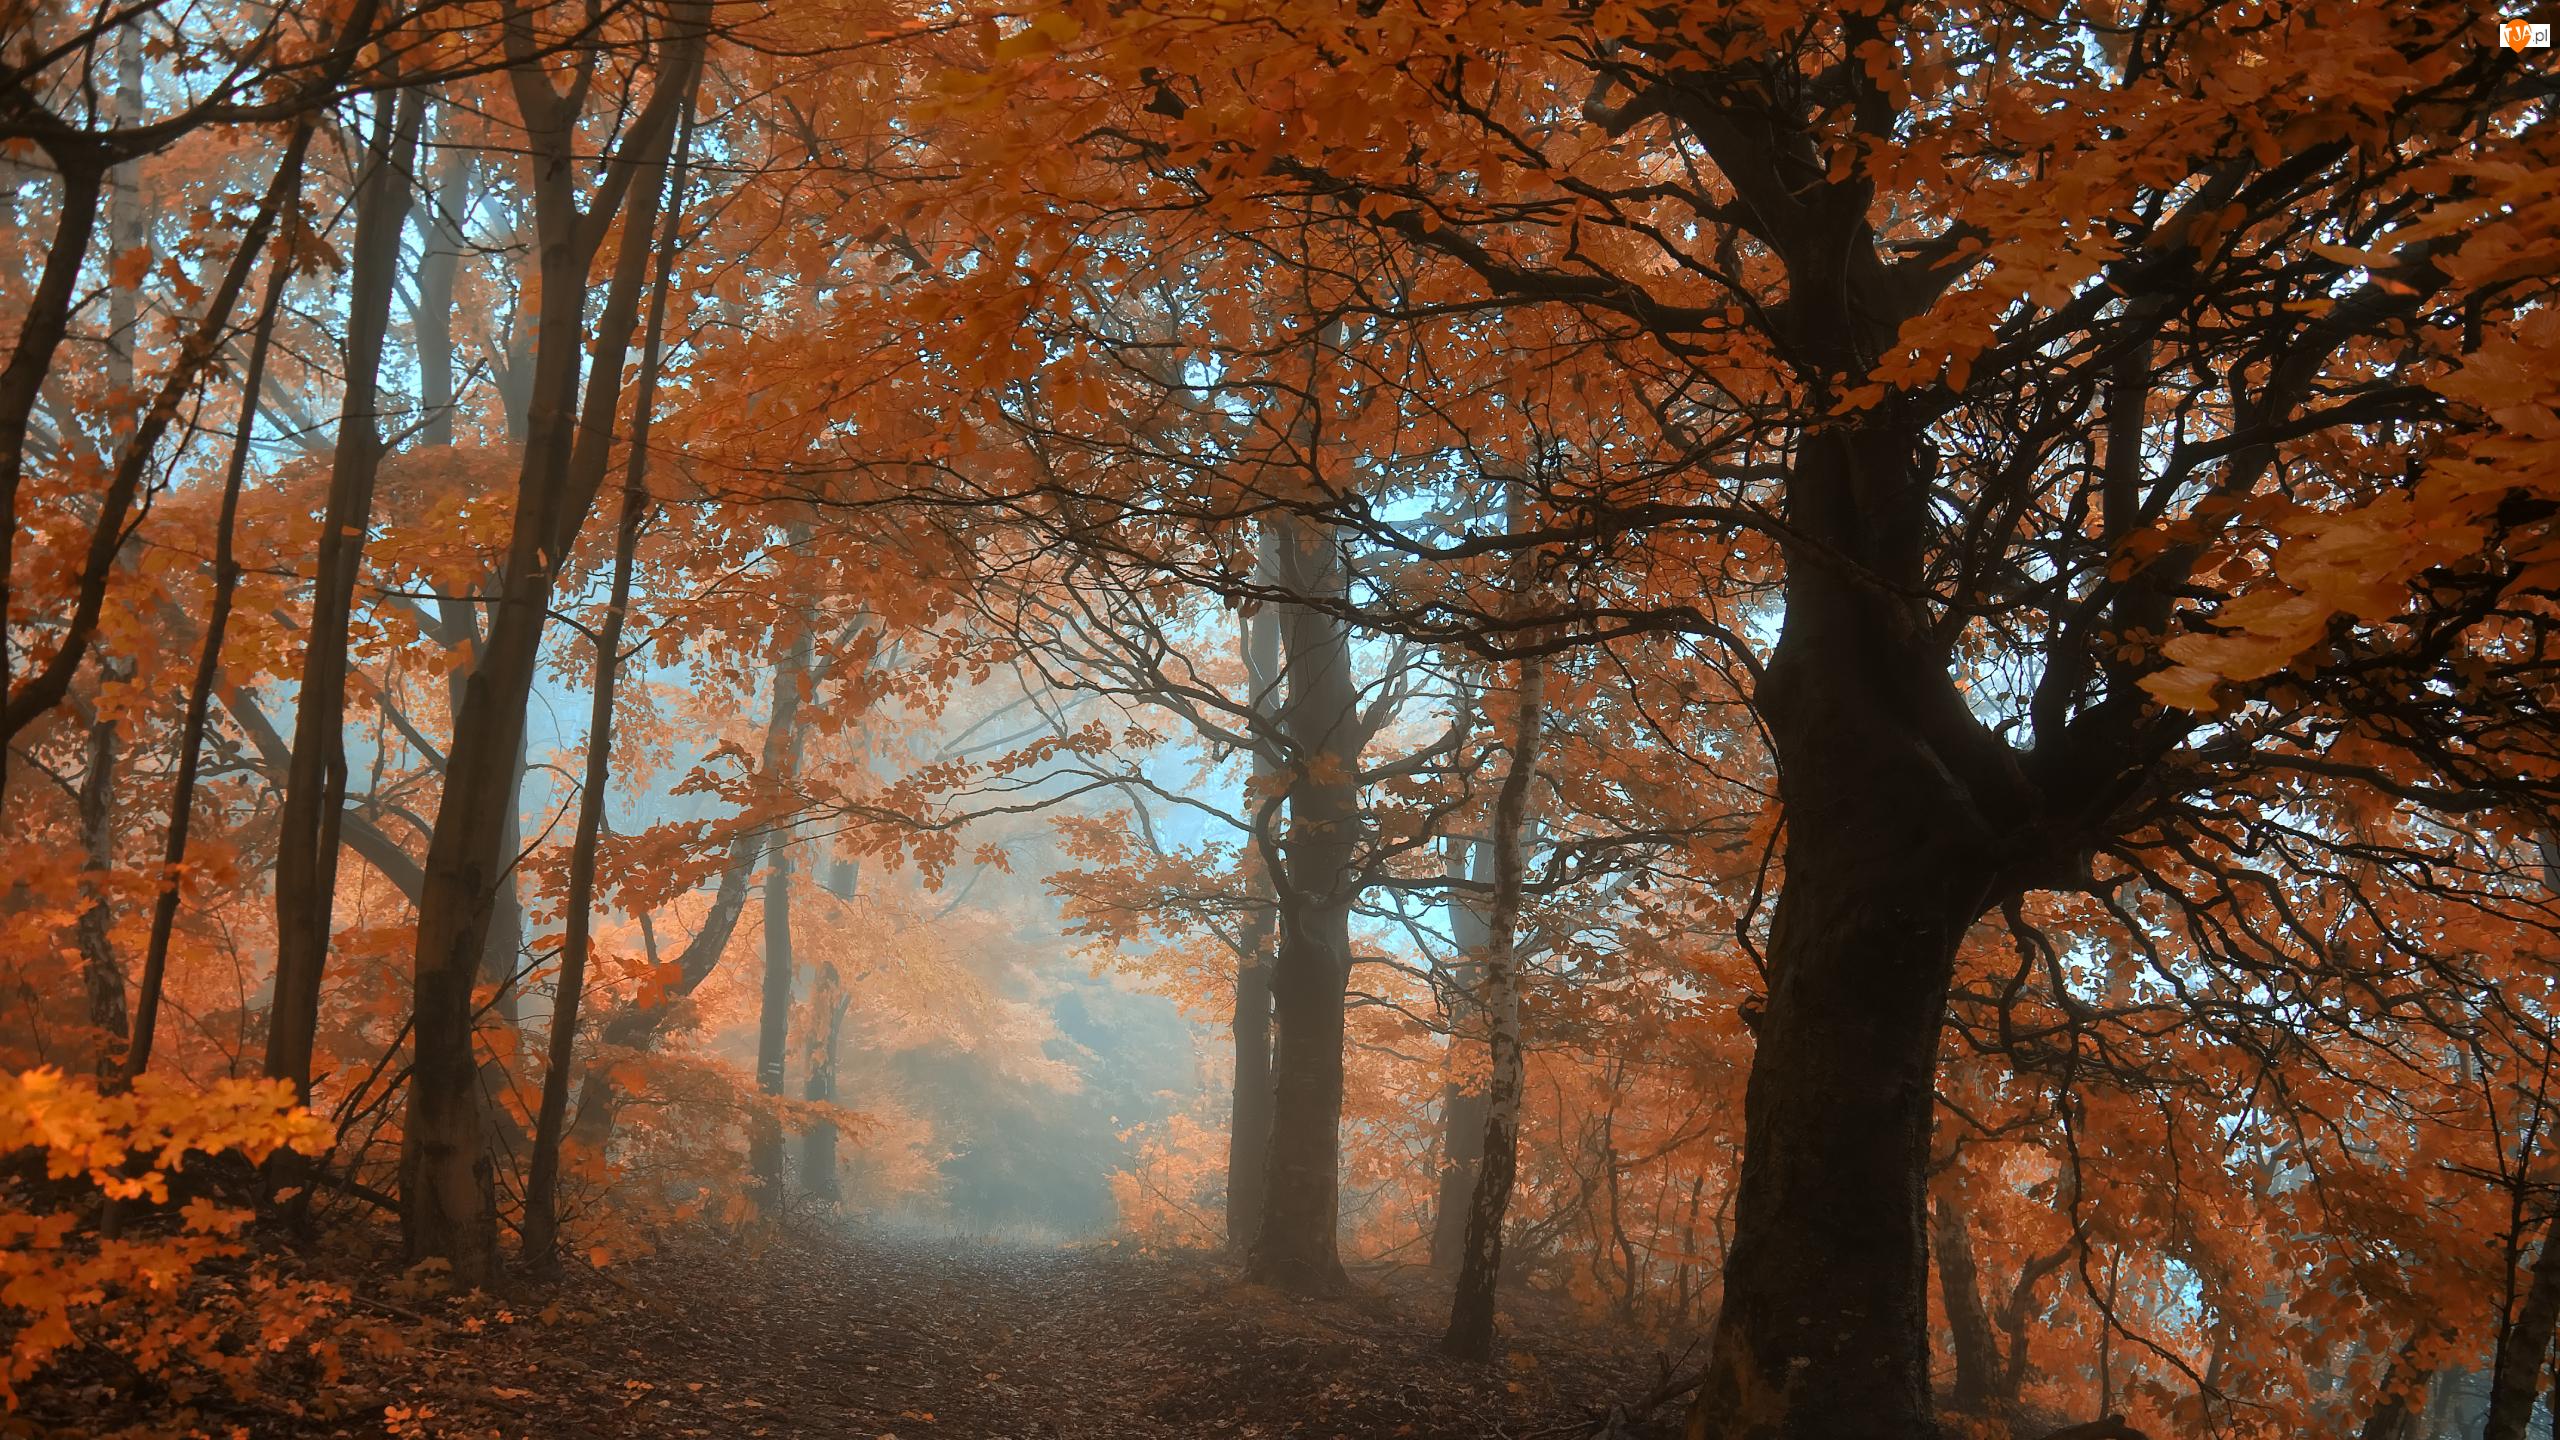 Droga, Jesień, Drzewa, Las, Mgła